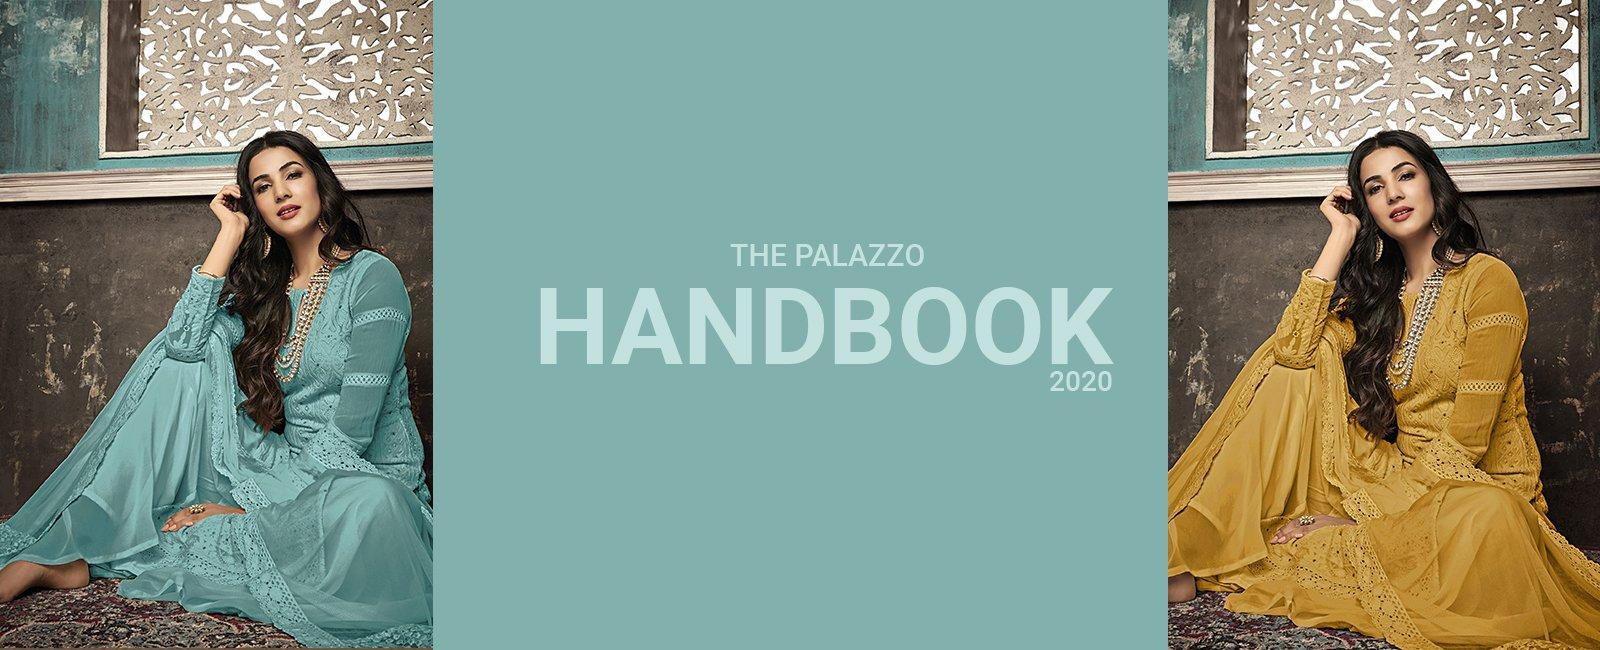 The Palazzo handbook 2020